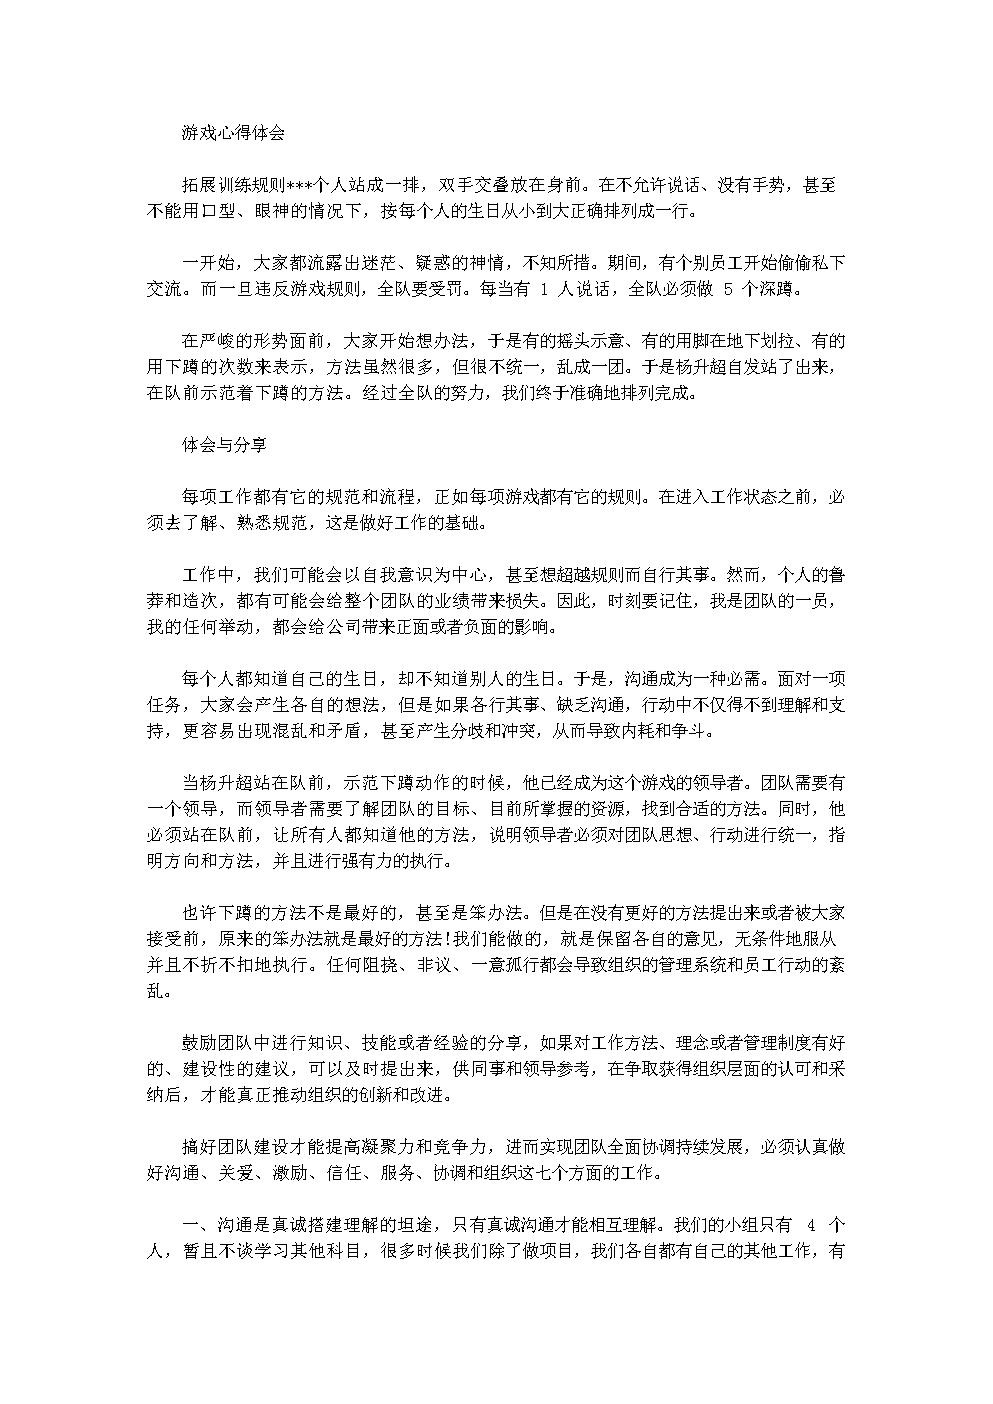 2020年游戏心得体会.doc